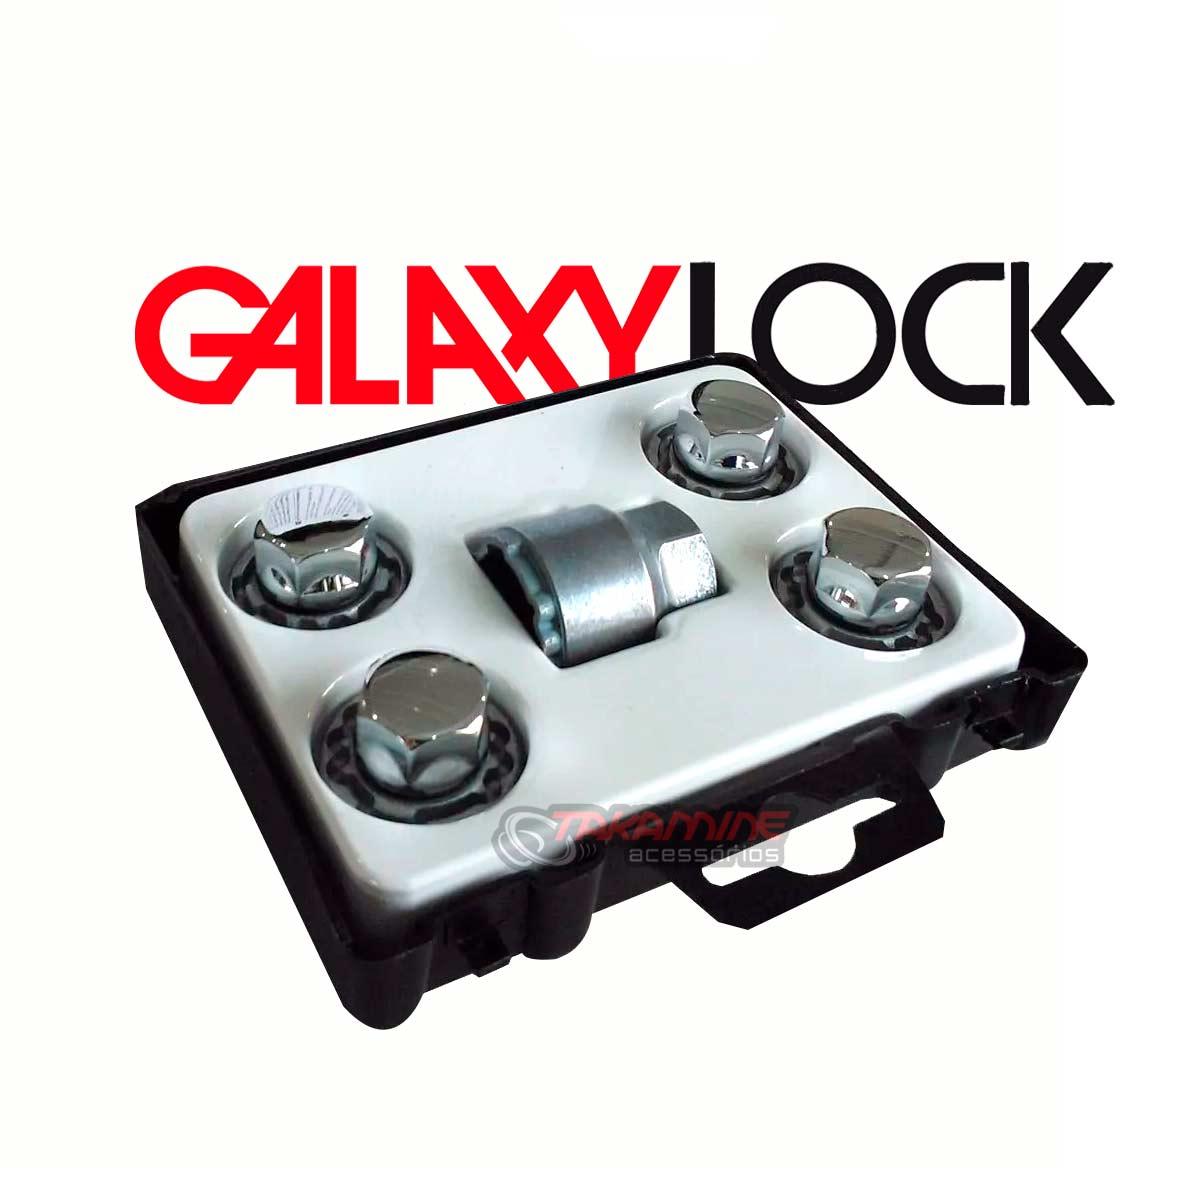 Porca antifurto para rodas Galaxy Lock Cruze 2011 até 2020 H/M